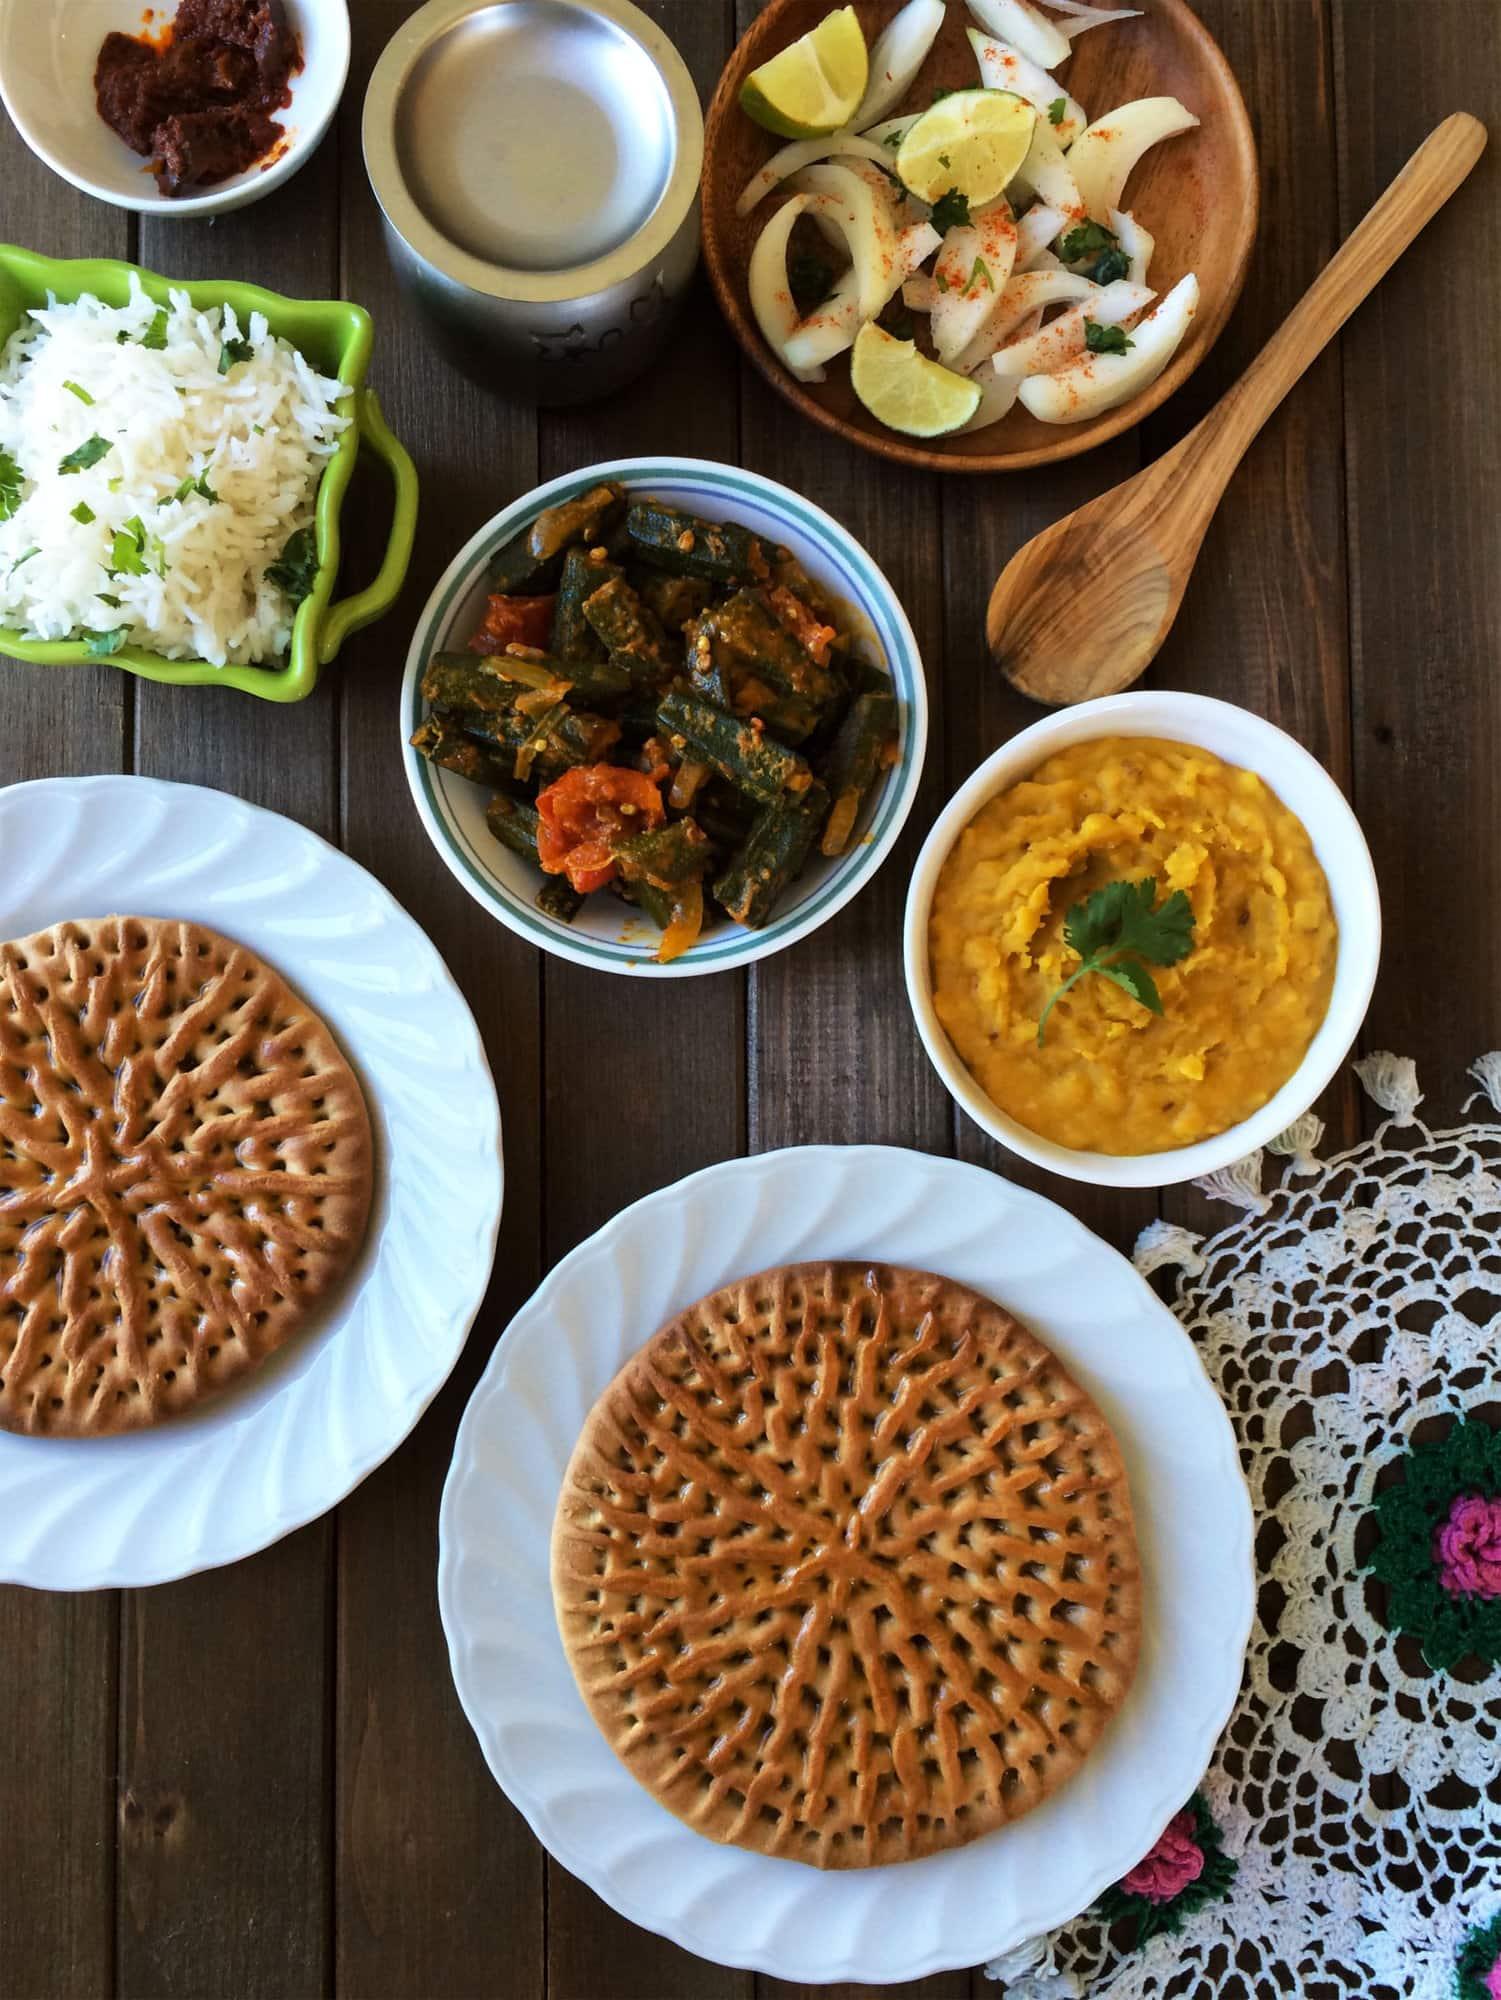 Rajasthani khoba roti